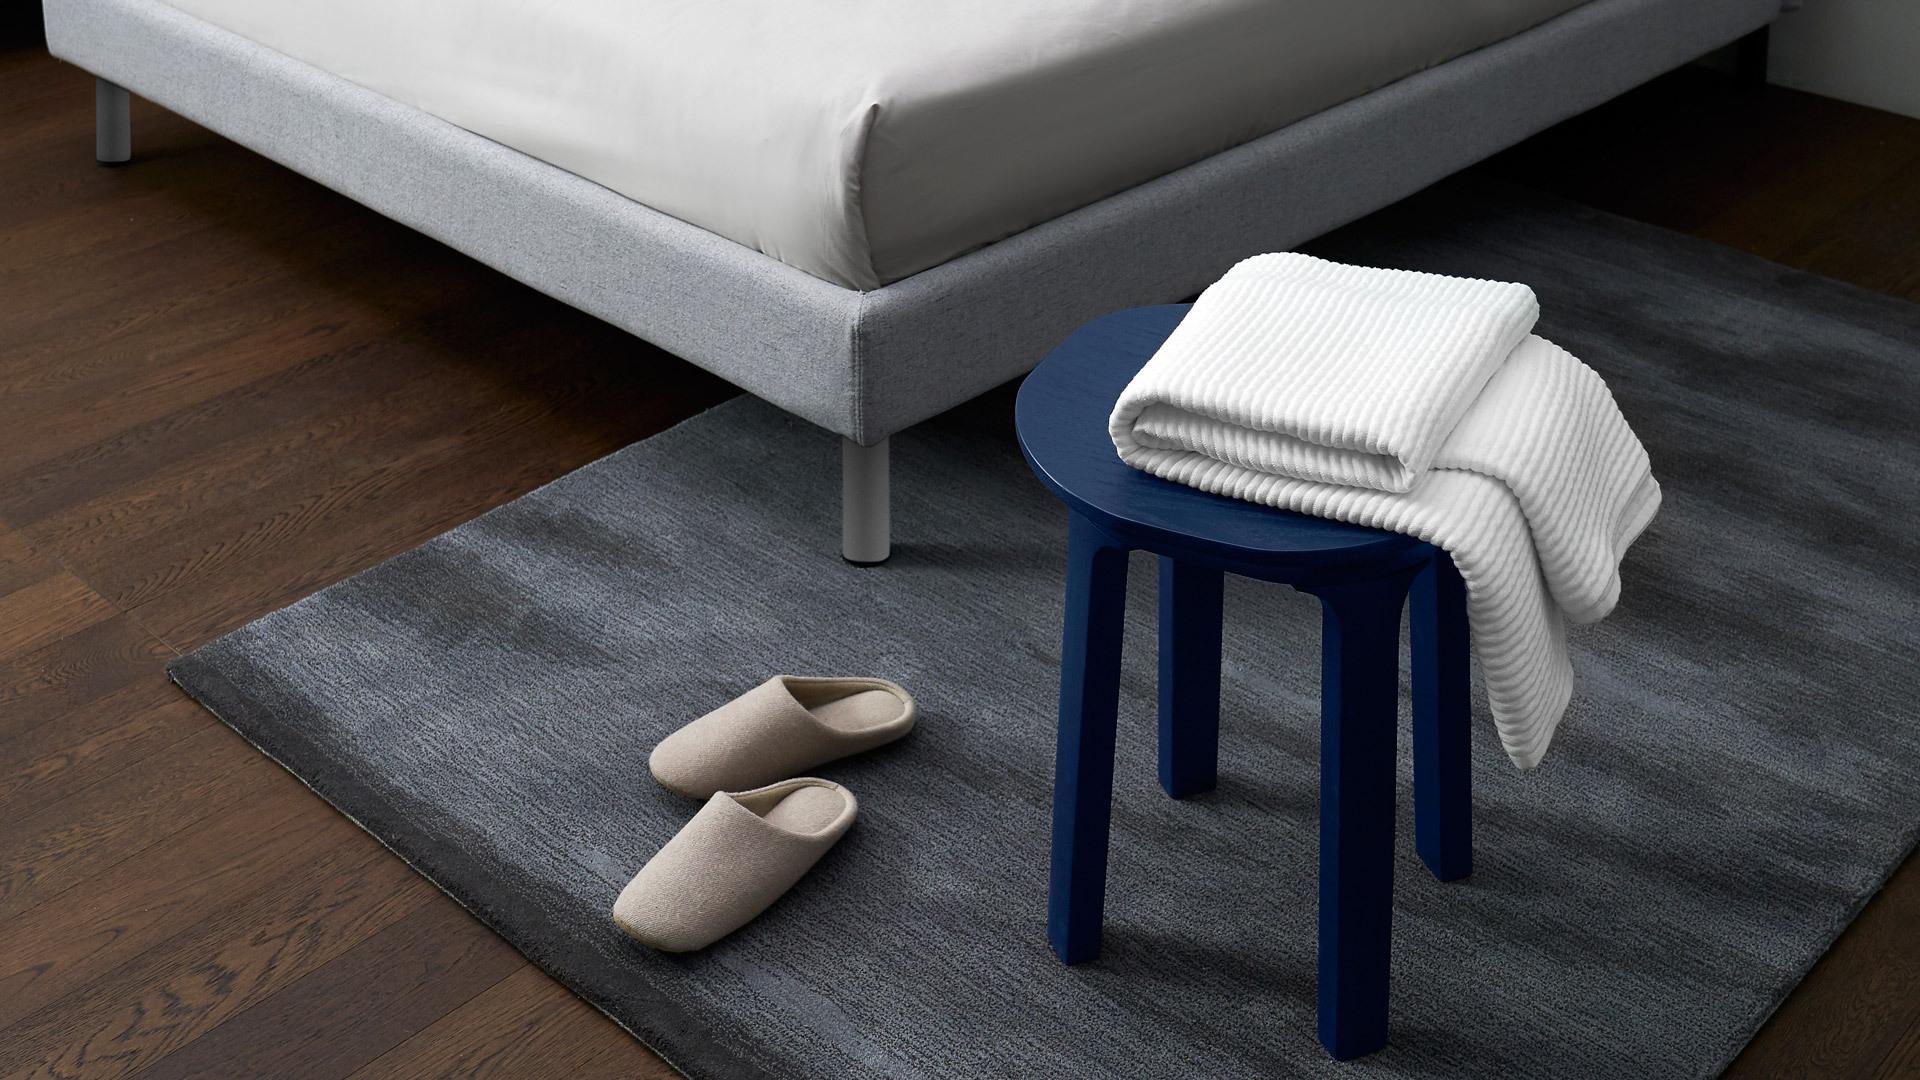 跳脱拘束,让瓦檐边桌担起活跃角色,调和空间平直线条的硬朗感,同时方便日常取放,轻盈曲线赶走无趣,搭配一张触感细腻的地毯,延展卧室的舒适暖意。